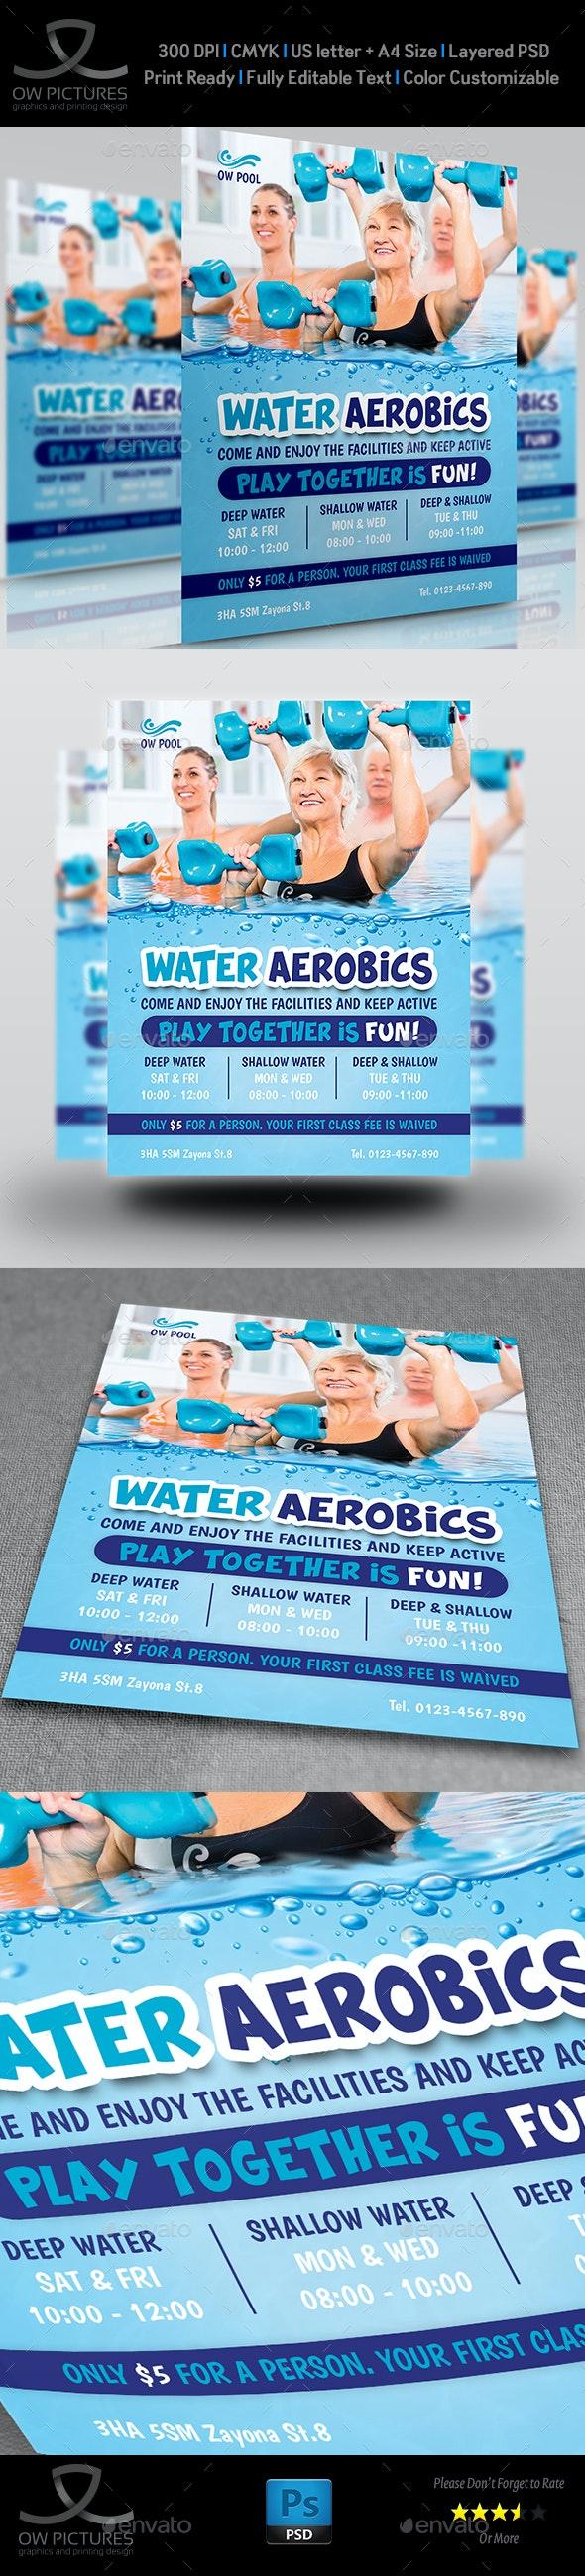 Water Aerobics Flyer Templates - Flyers Print Templates